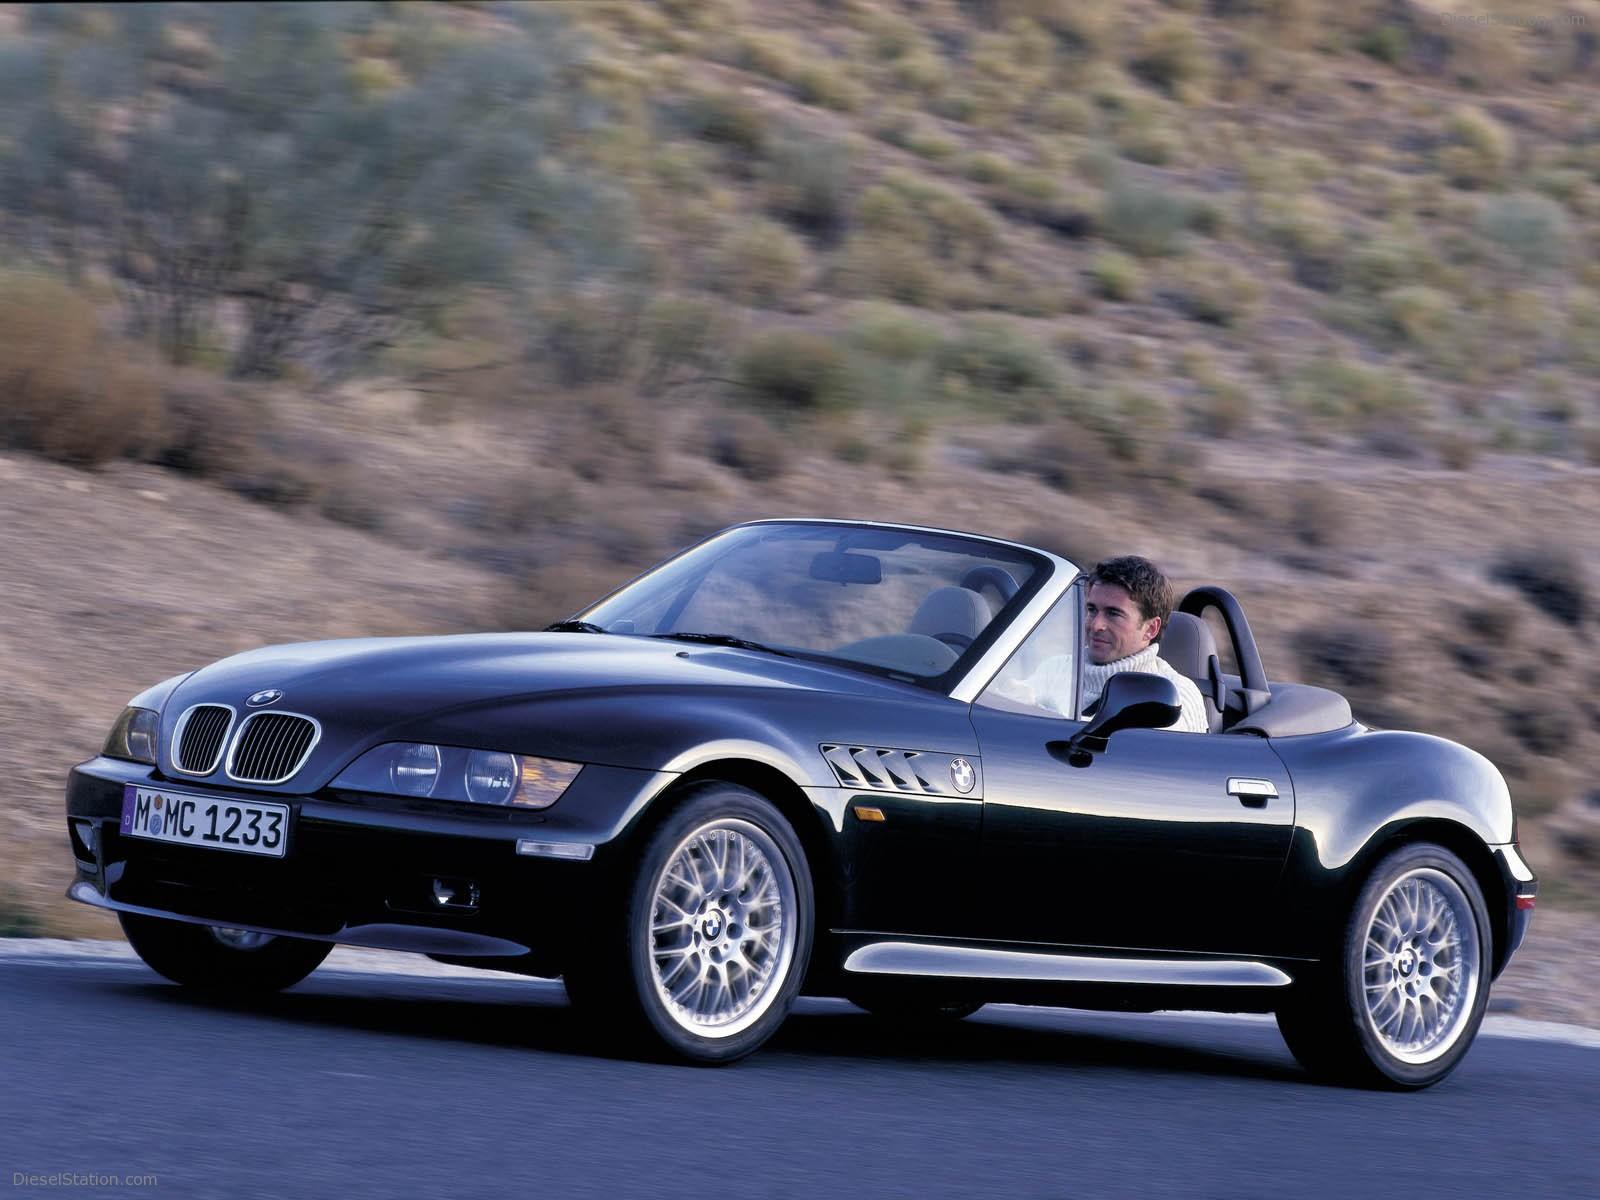 بالصور ارخص سيارة , صور ارخص سيارات فالعالم 3160 2